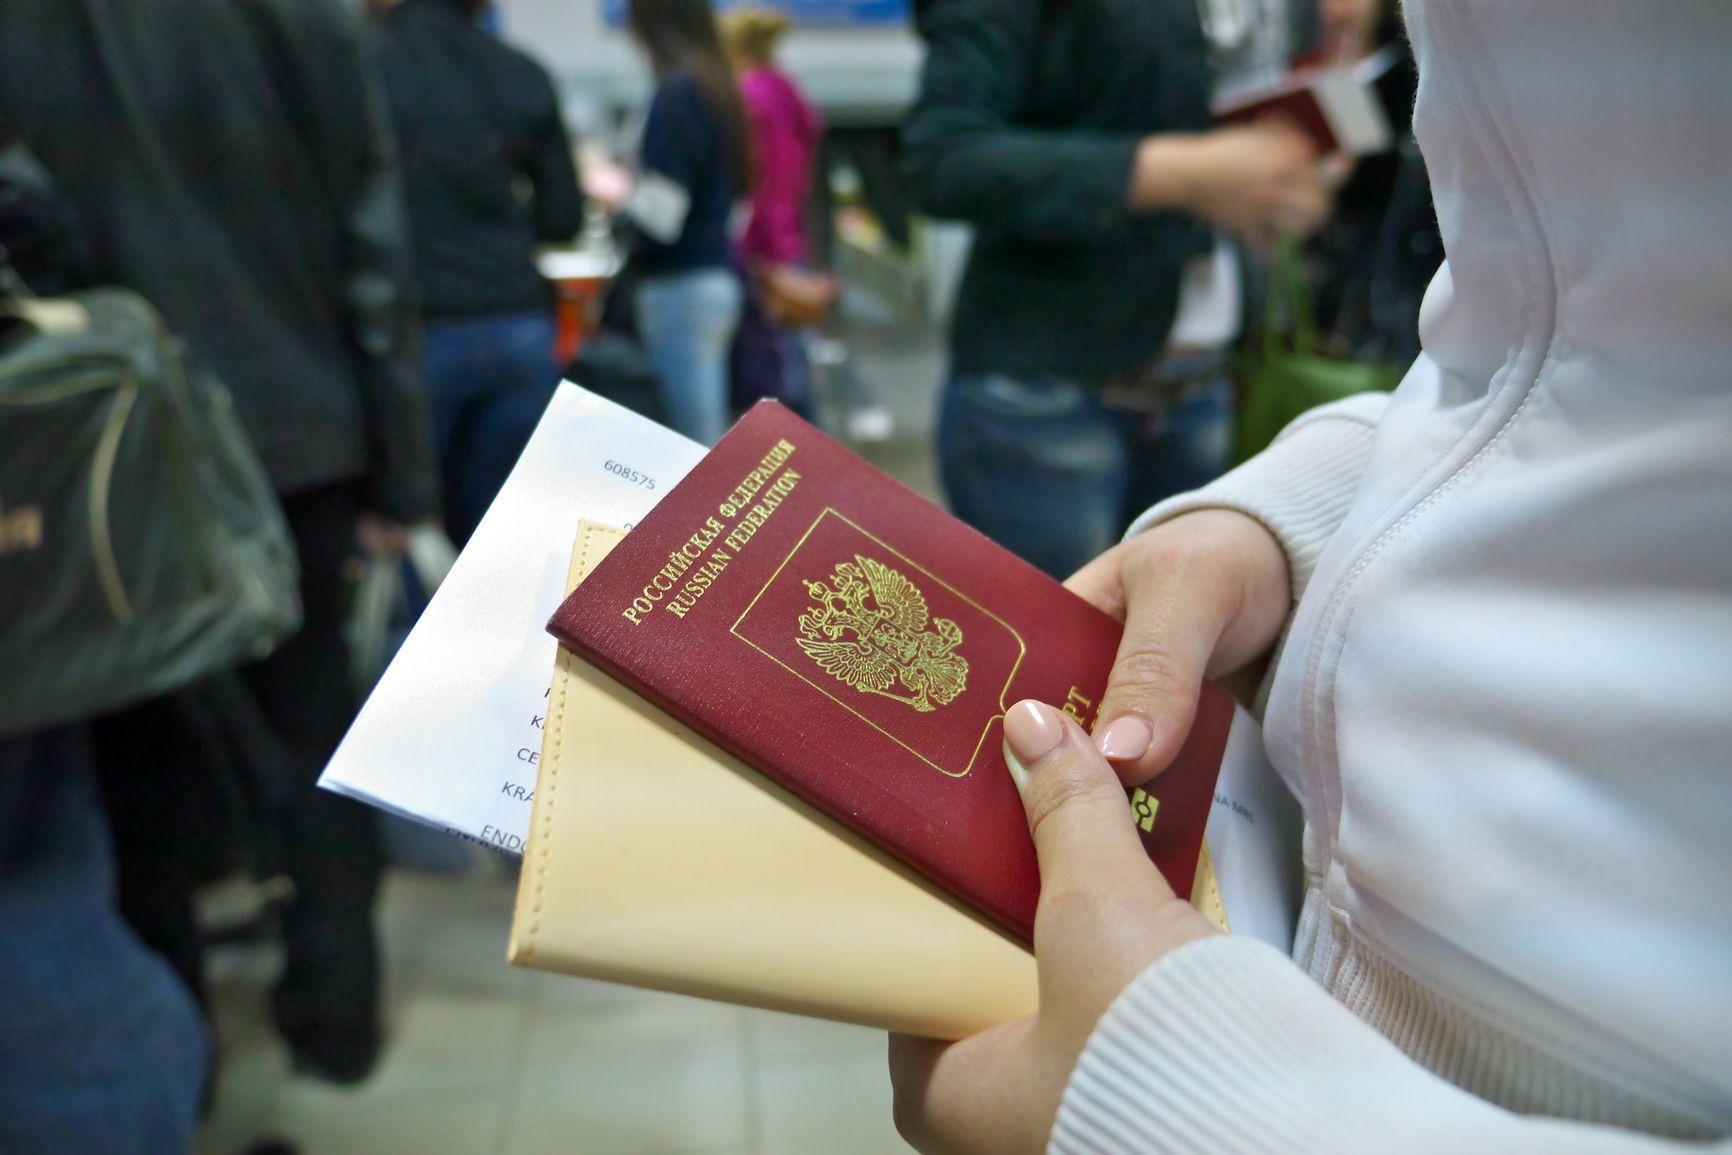 Как работают новые правила, усложняющие восстановление утраченных документов